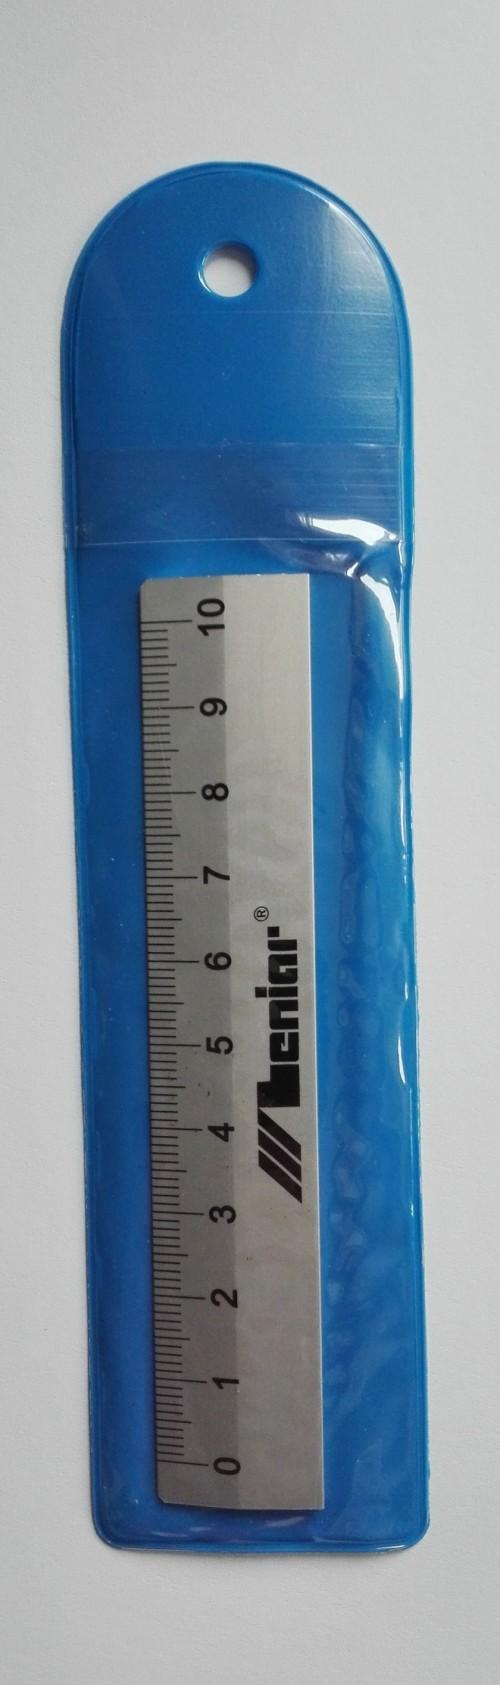 linijka 10 cm 01